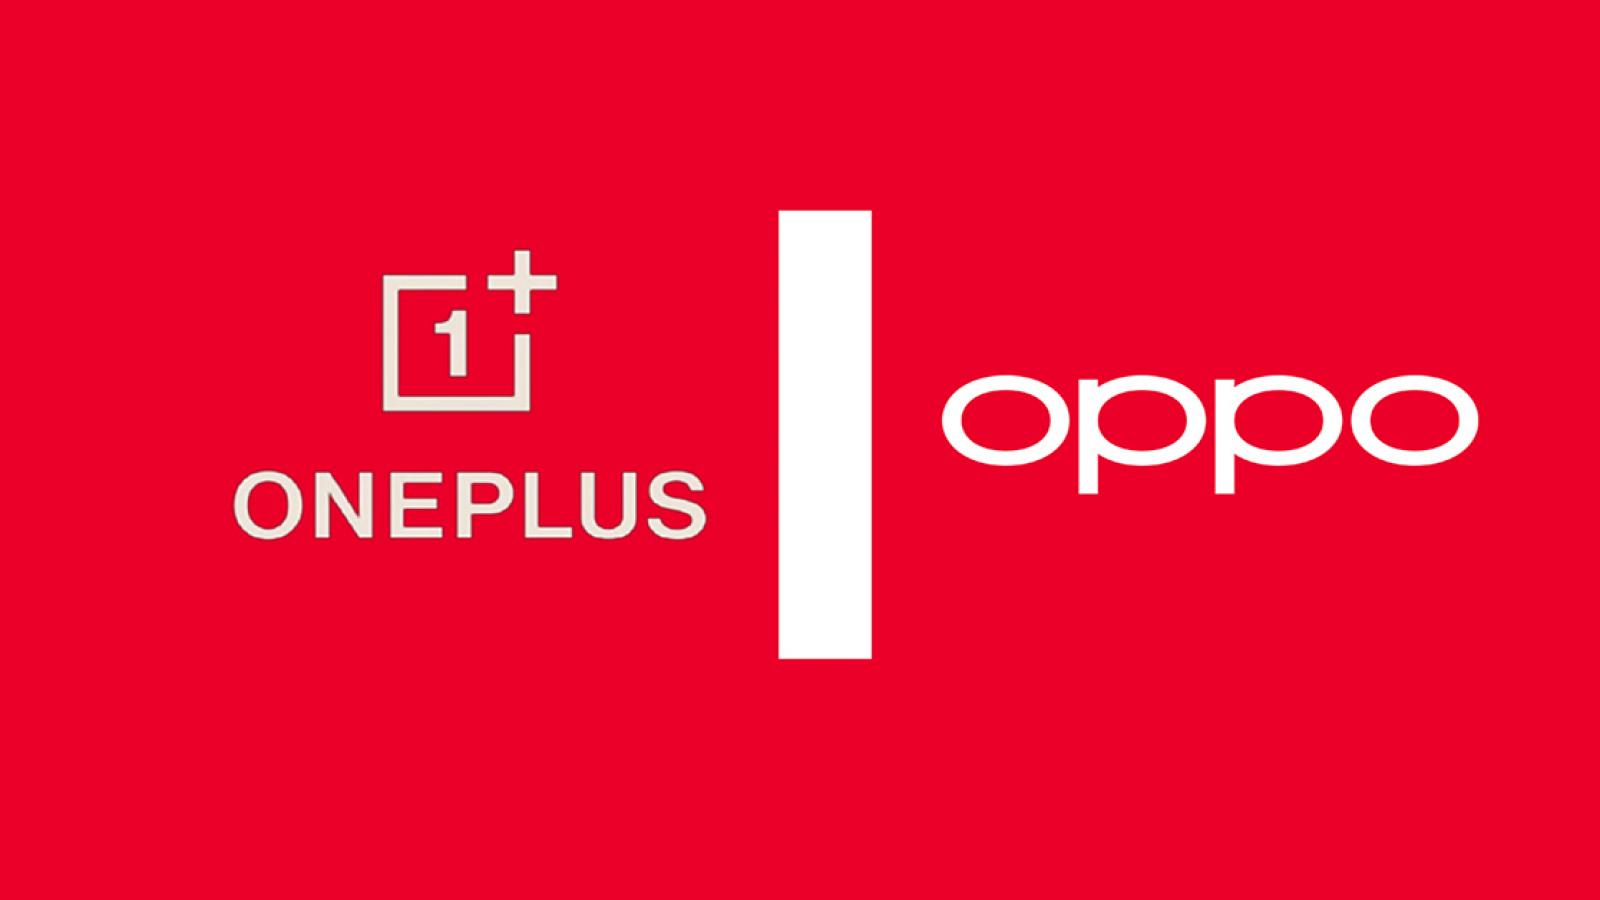 oneplus-y-oppo-se-unen-port